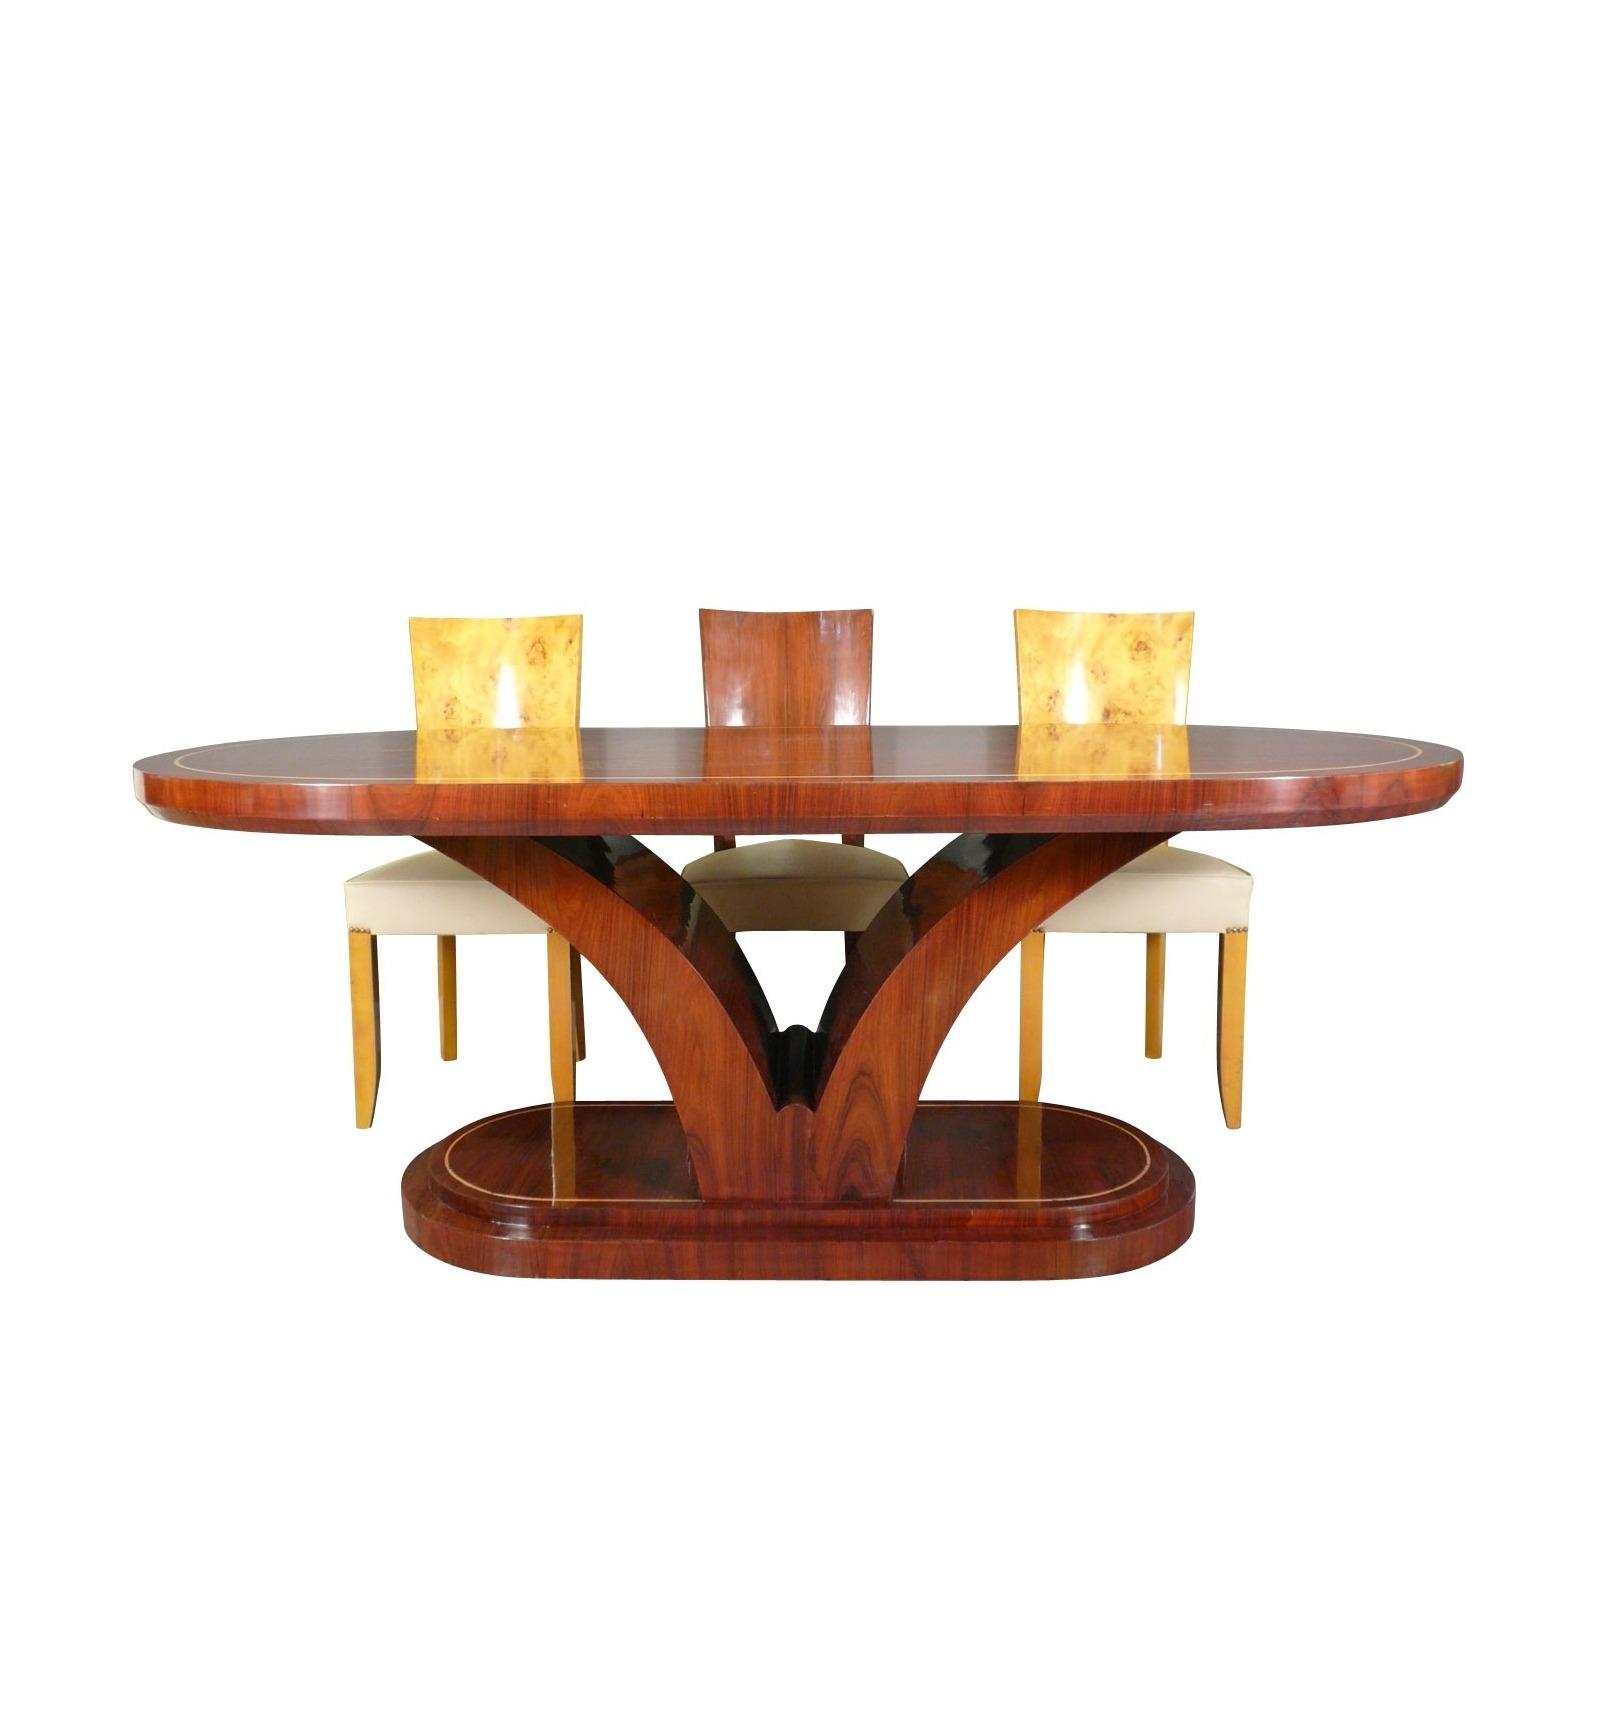 Tavolo Pranzo Art Deco tavolo art deco in palissandro - mobili per la sala da pranzo